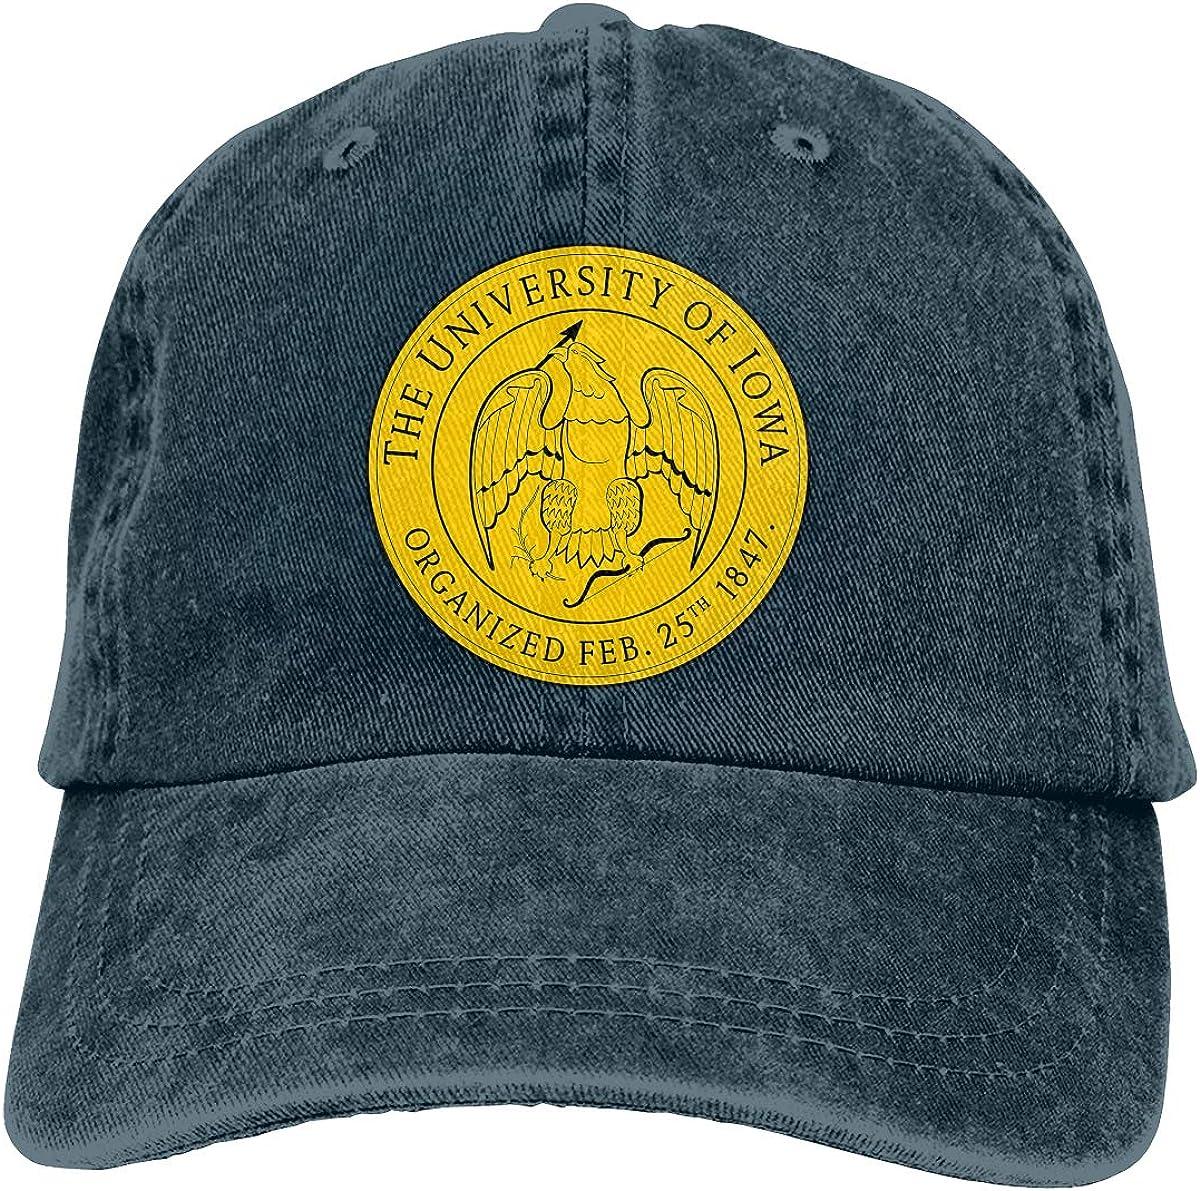 Uiowa Commemorate Casquette Cap Vintage Adjustable Unisex Baseball Hat